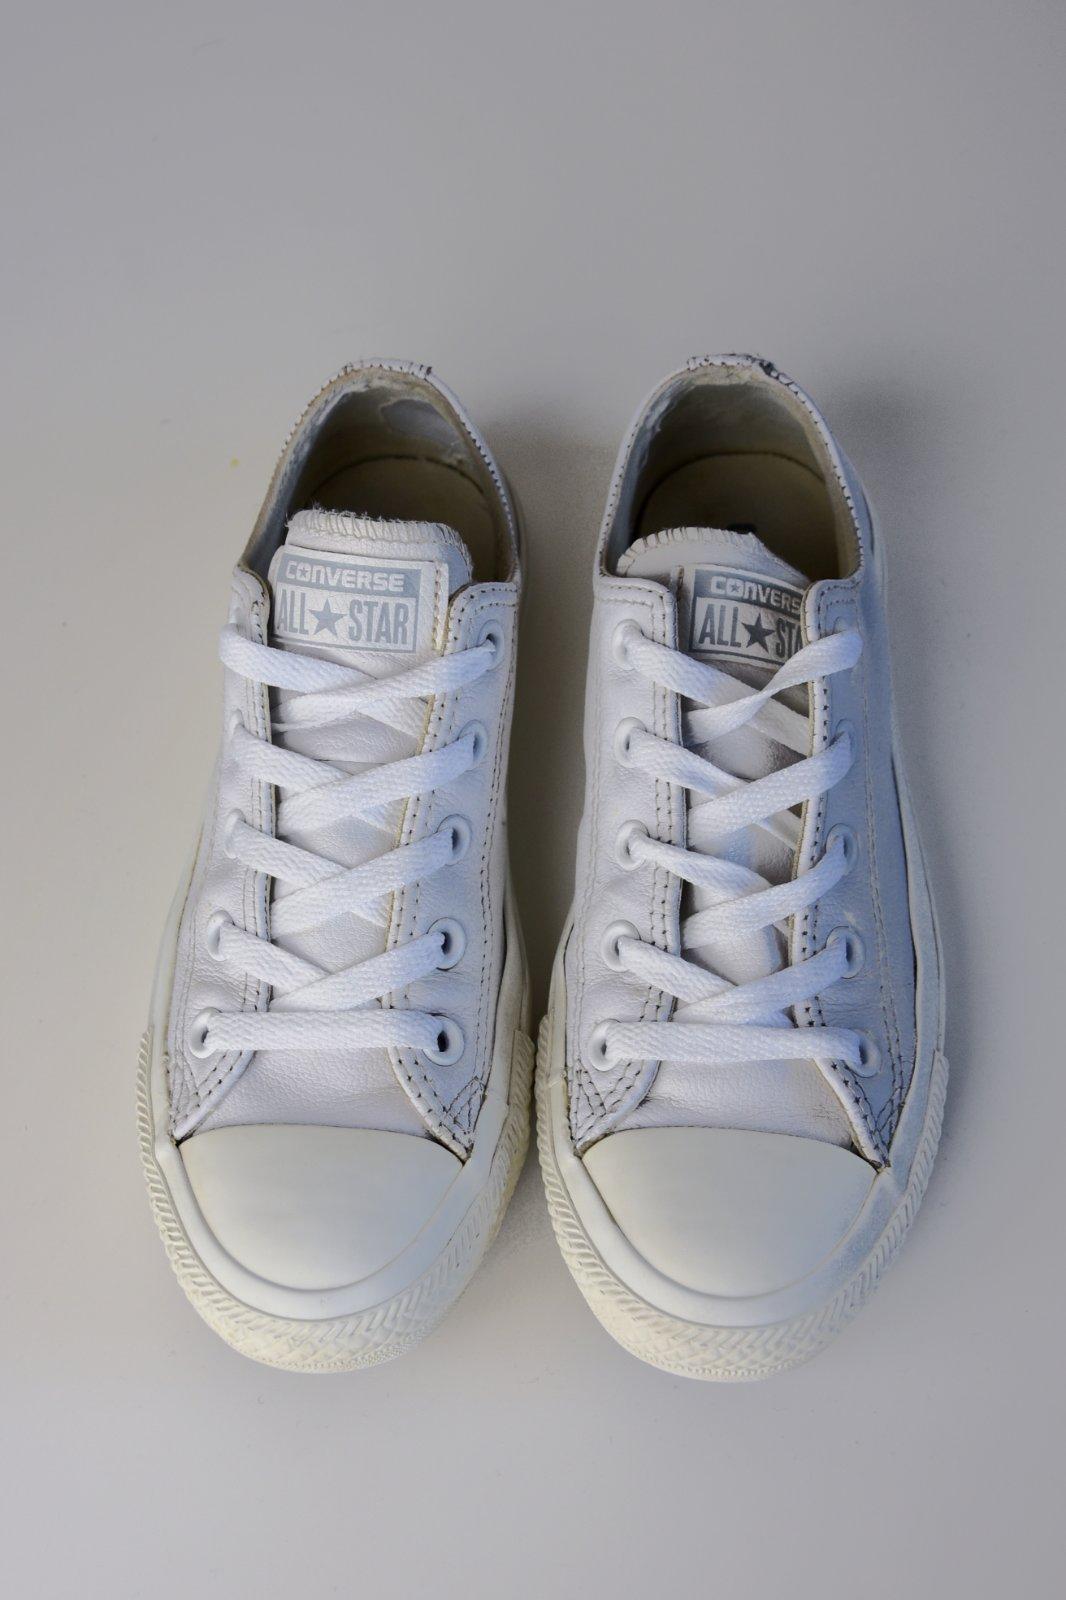 Converse kozene biele 36 9289d1e6d2e